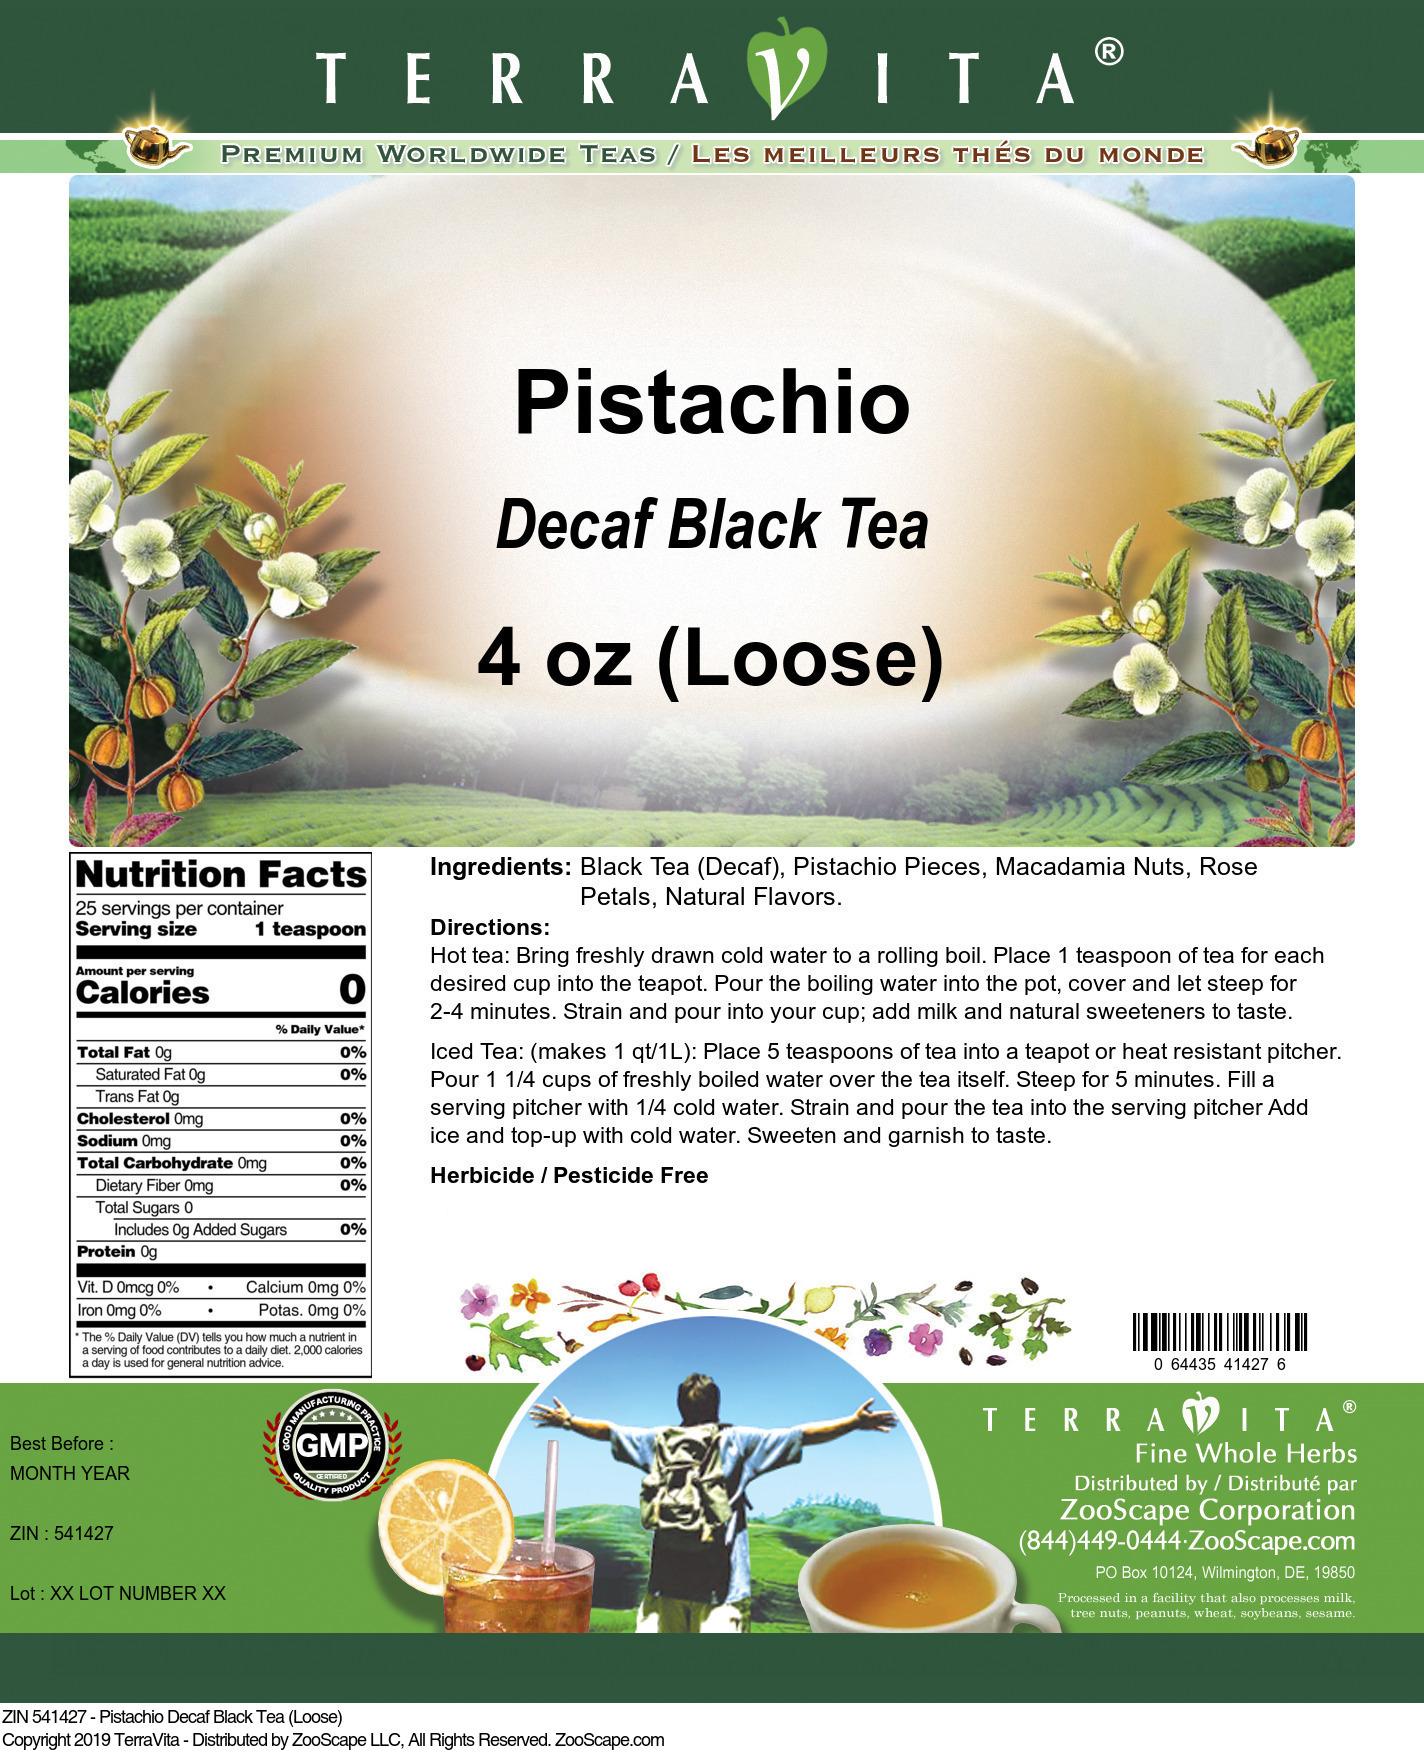 Pistachio Decaf Black Tea (Loose)